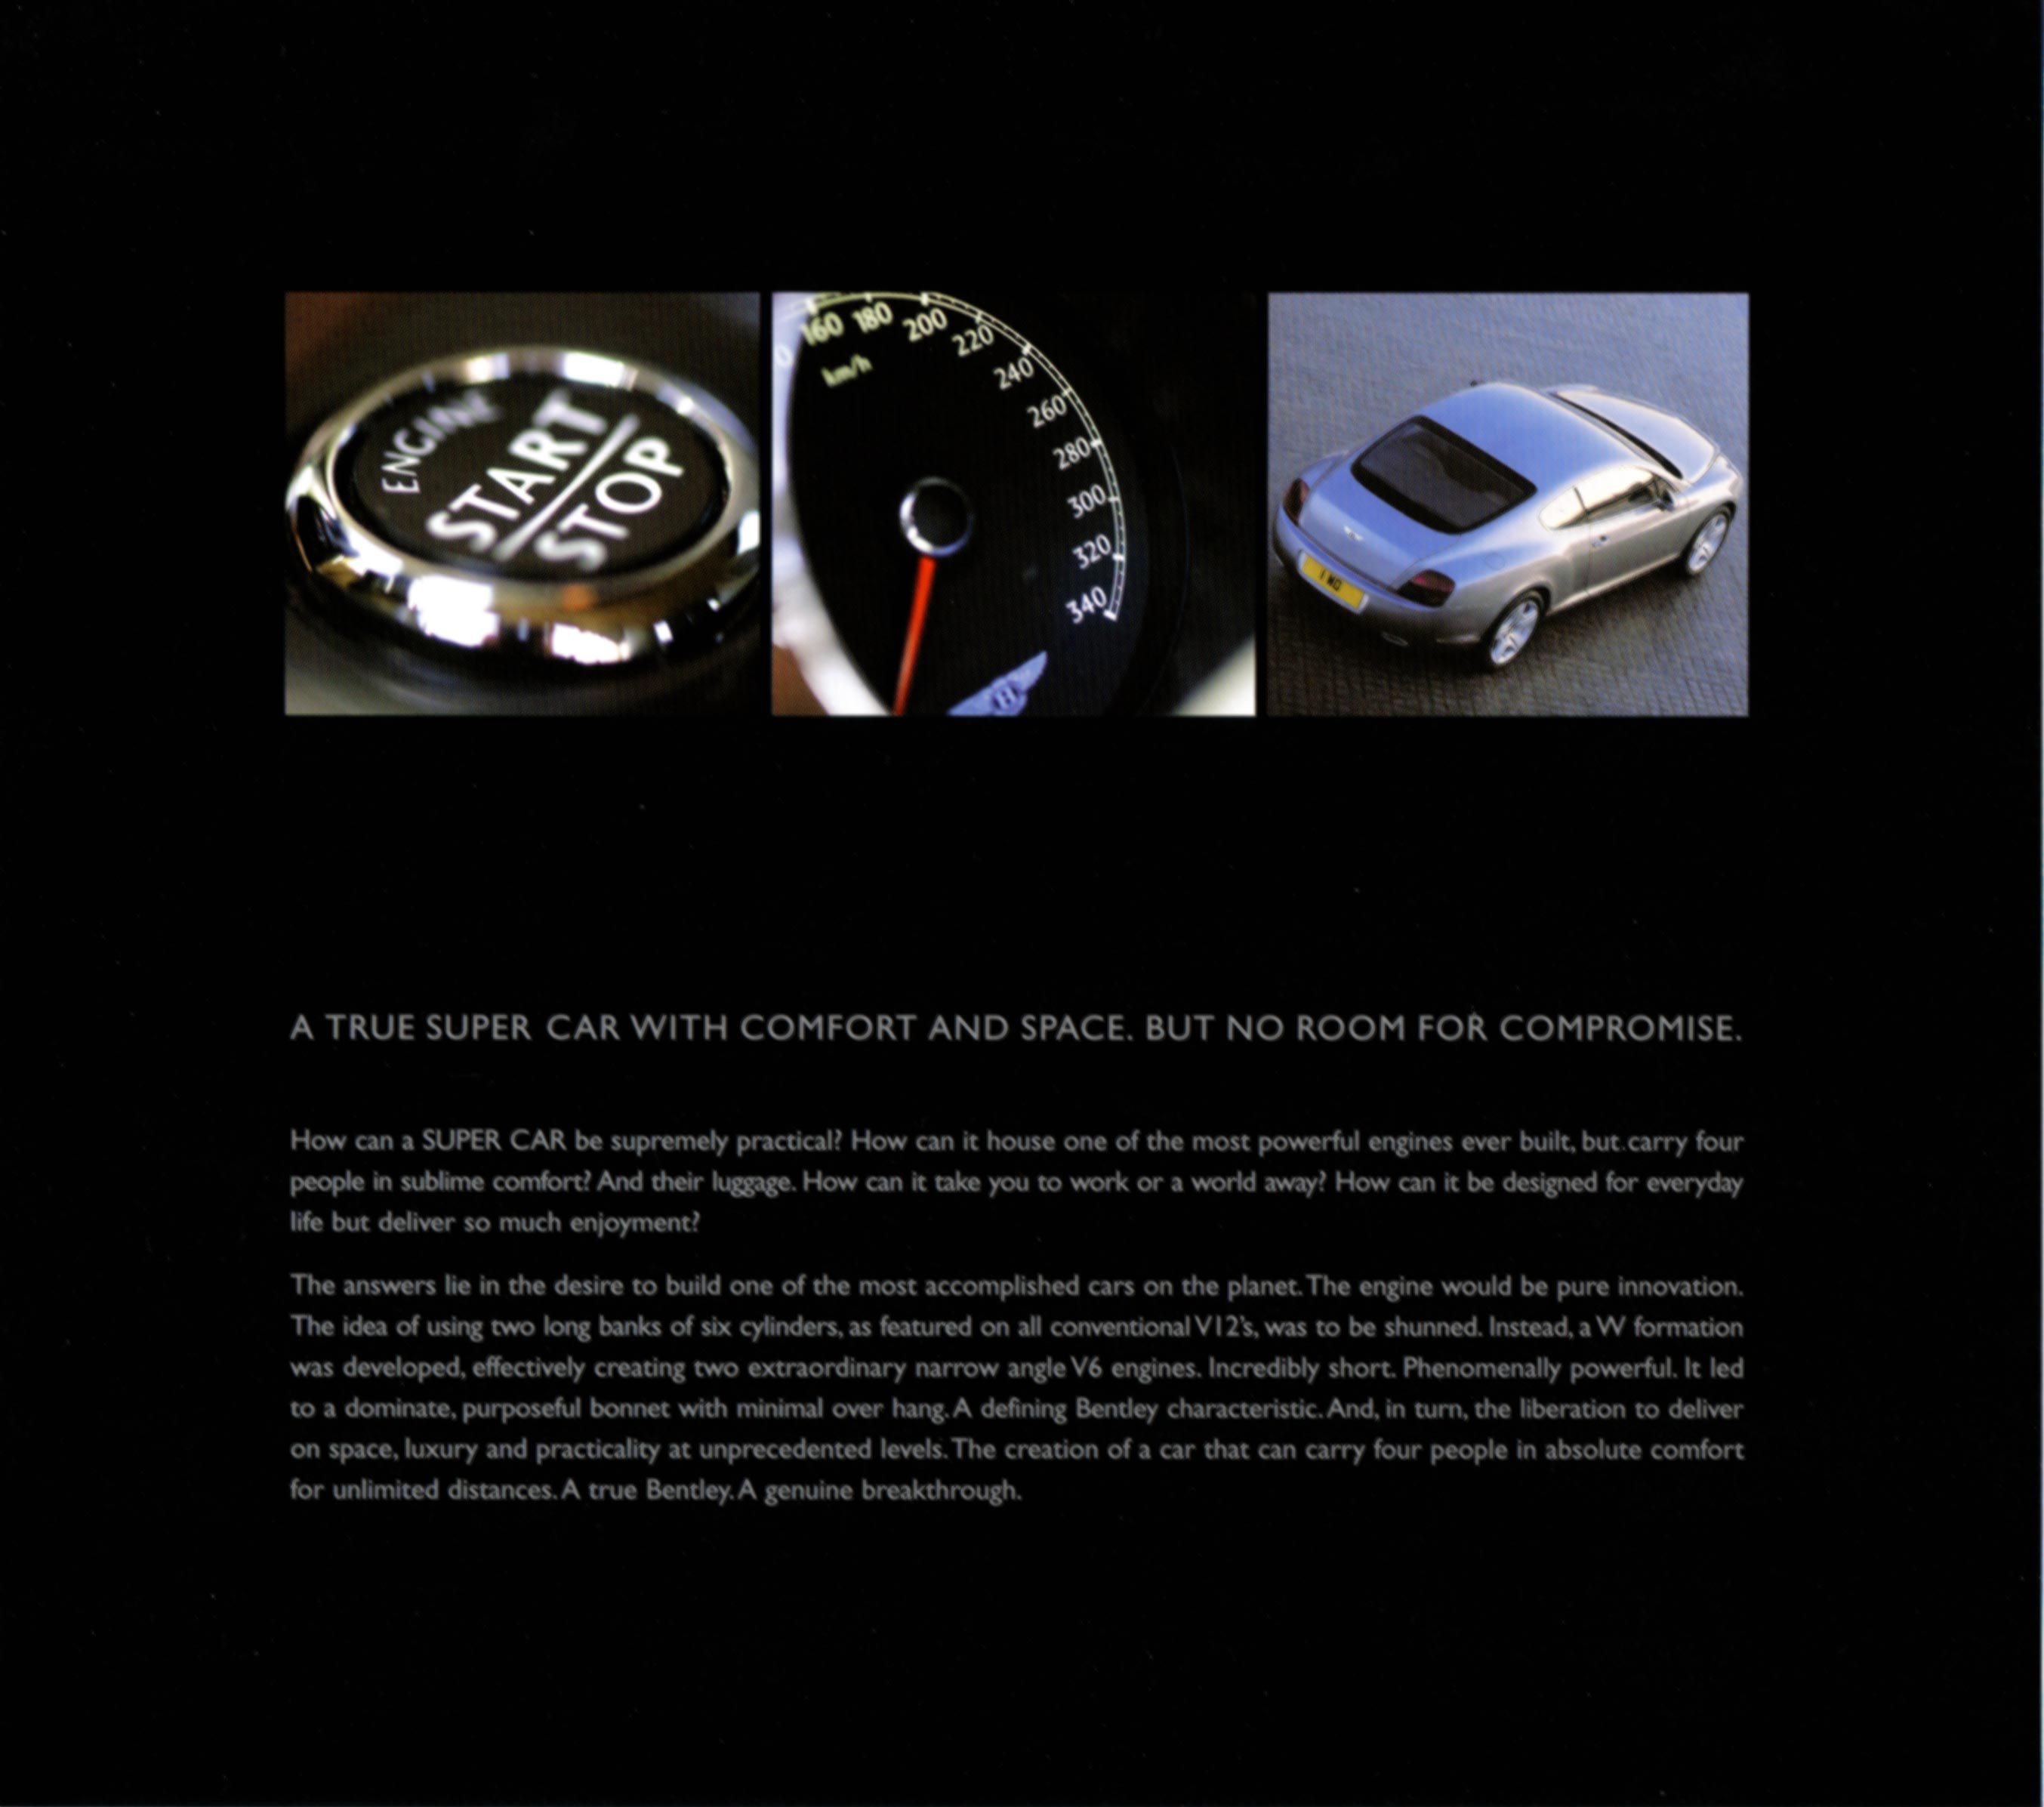 2006 Bentley Continental GT Brochure